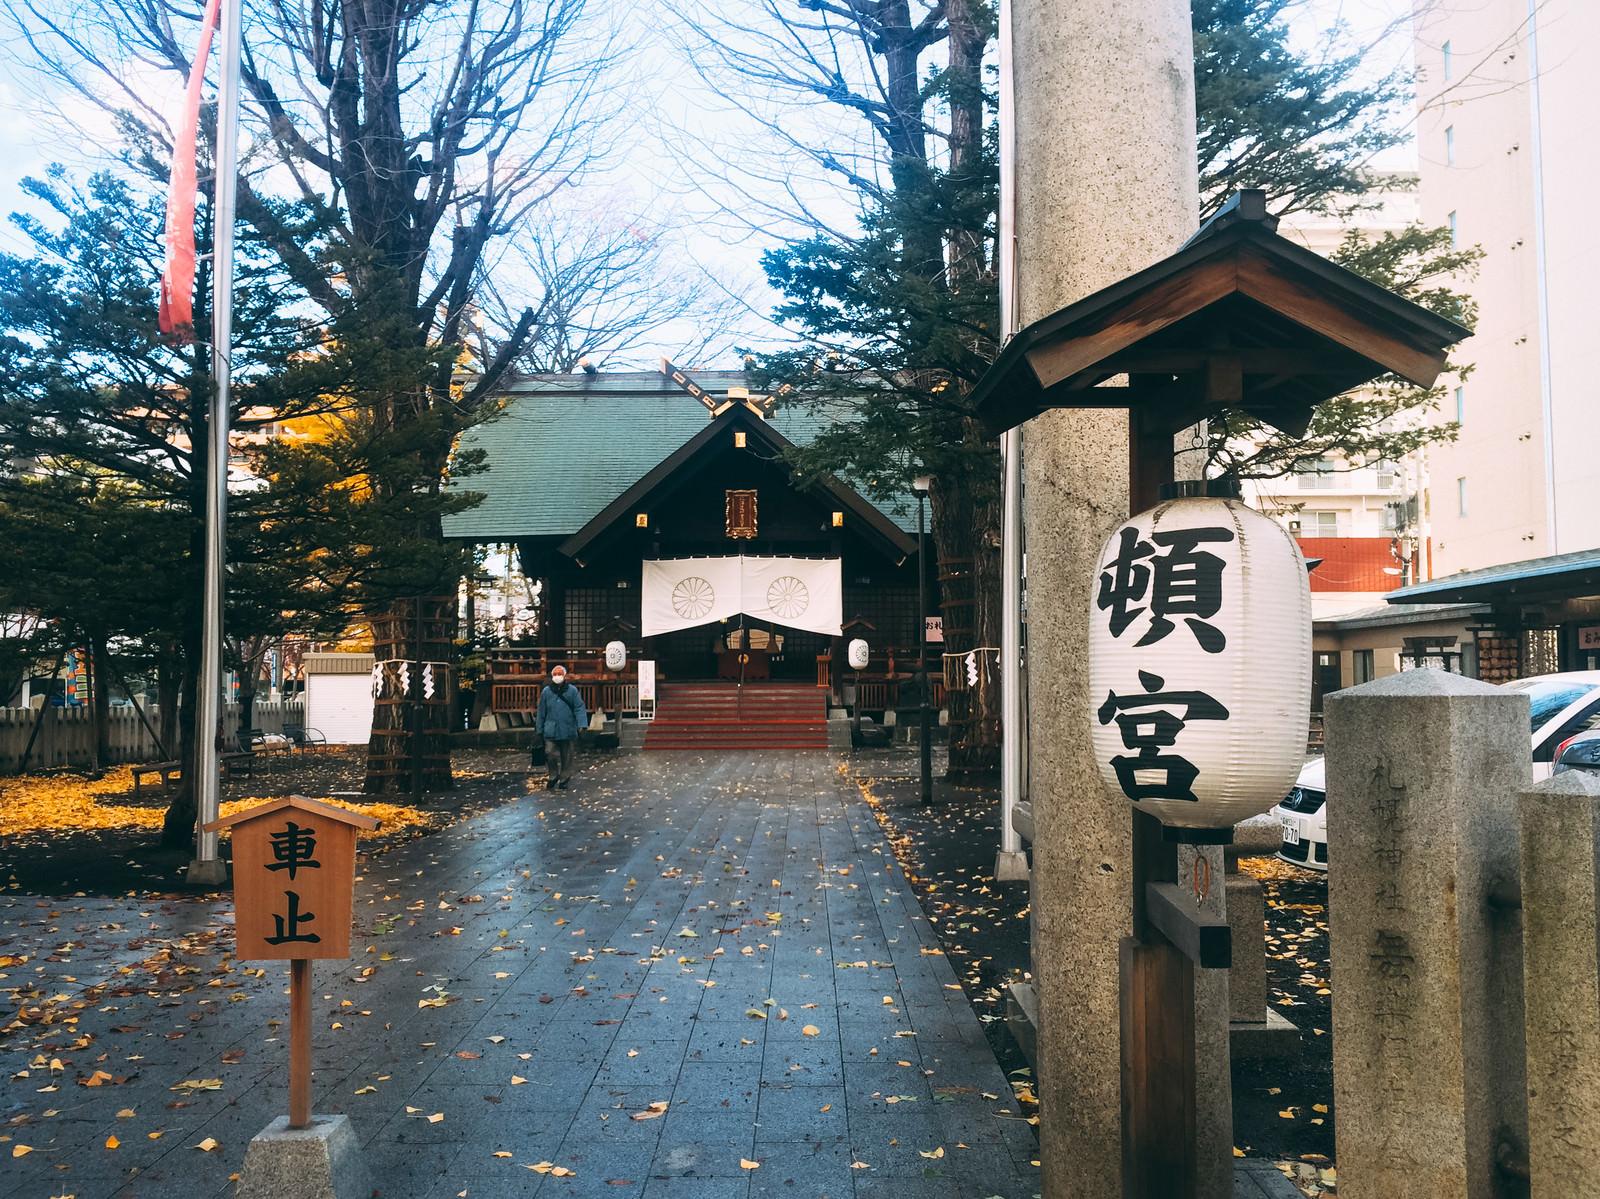 「北海道神宮頓宮と落ち葉」の写真